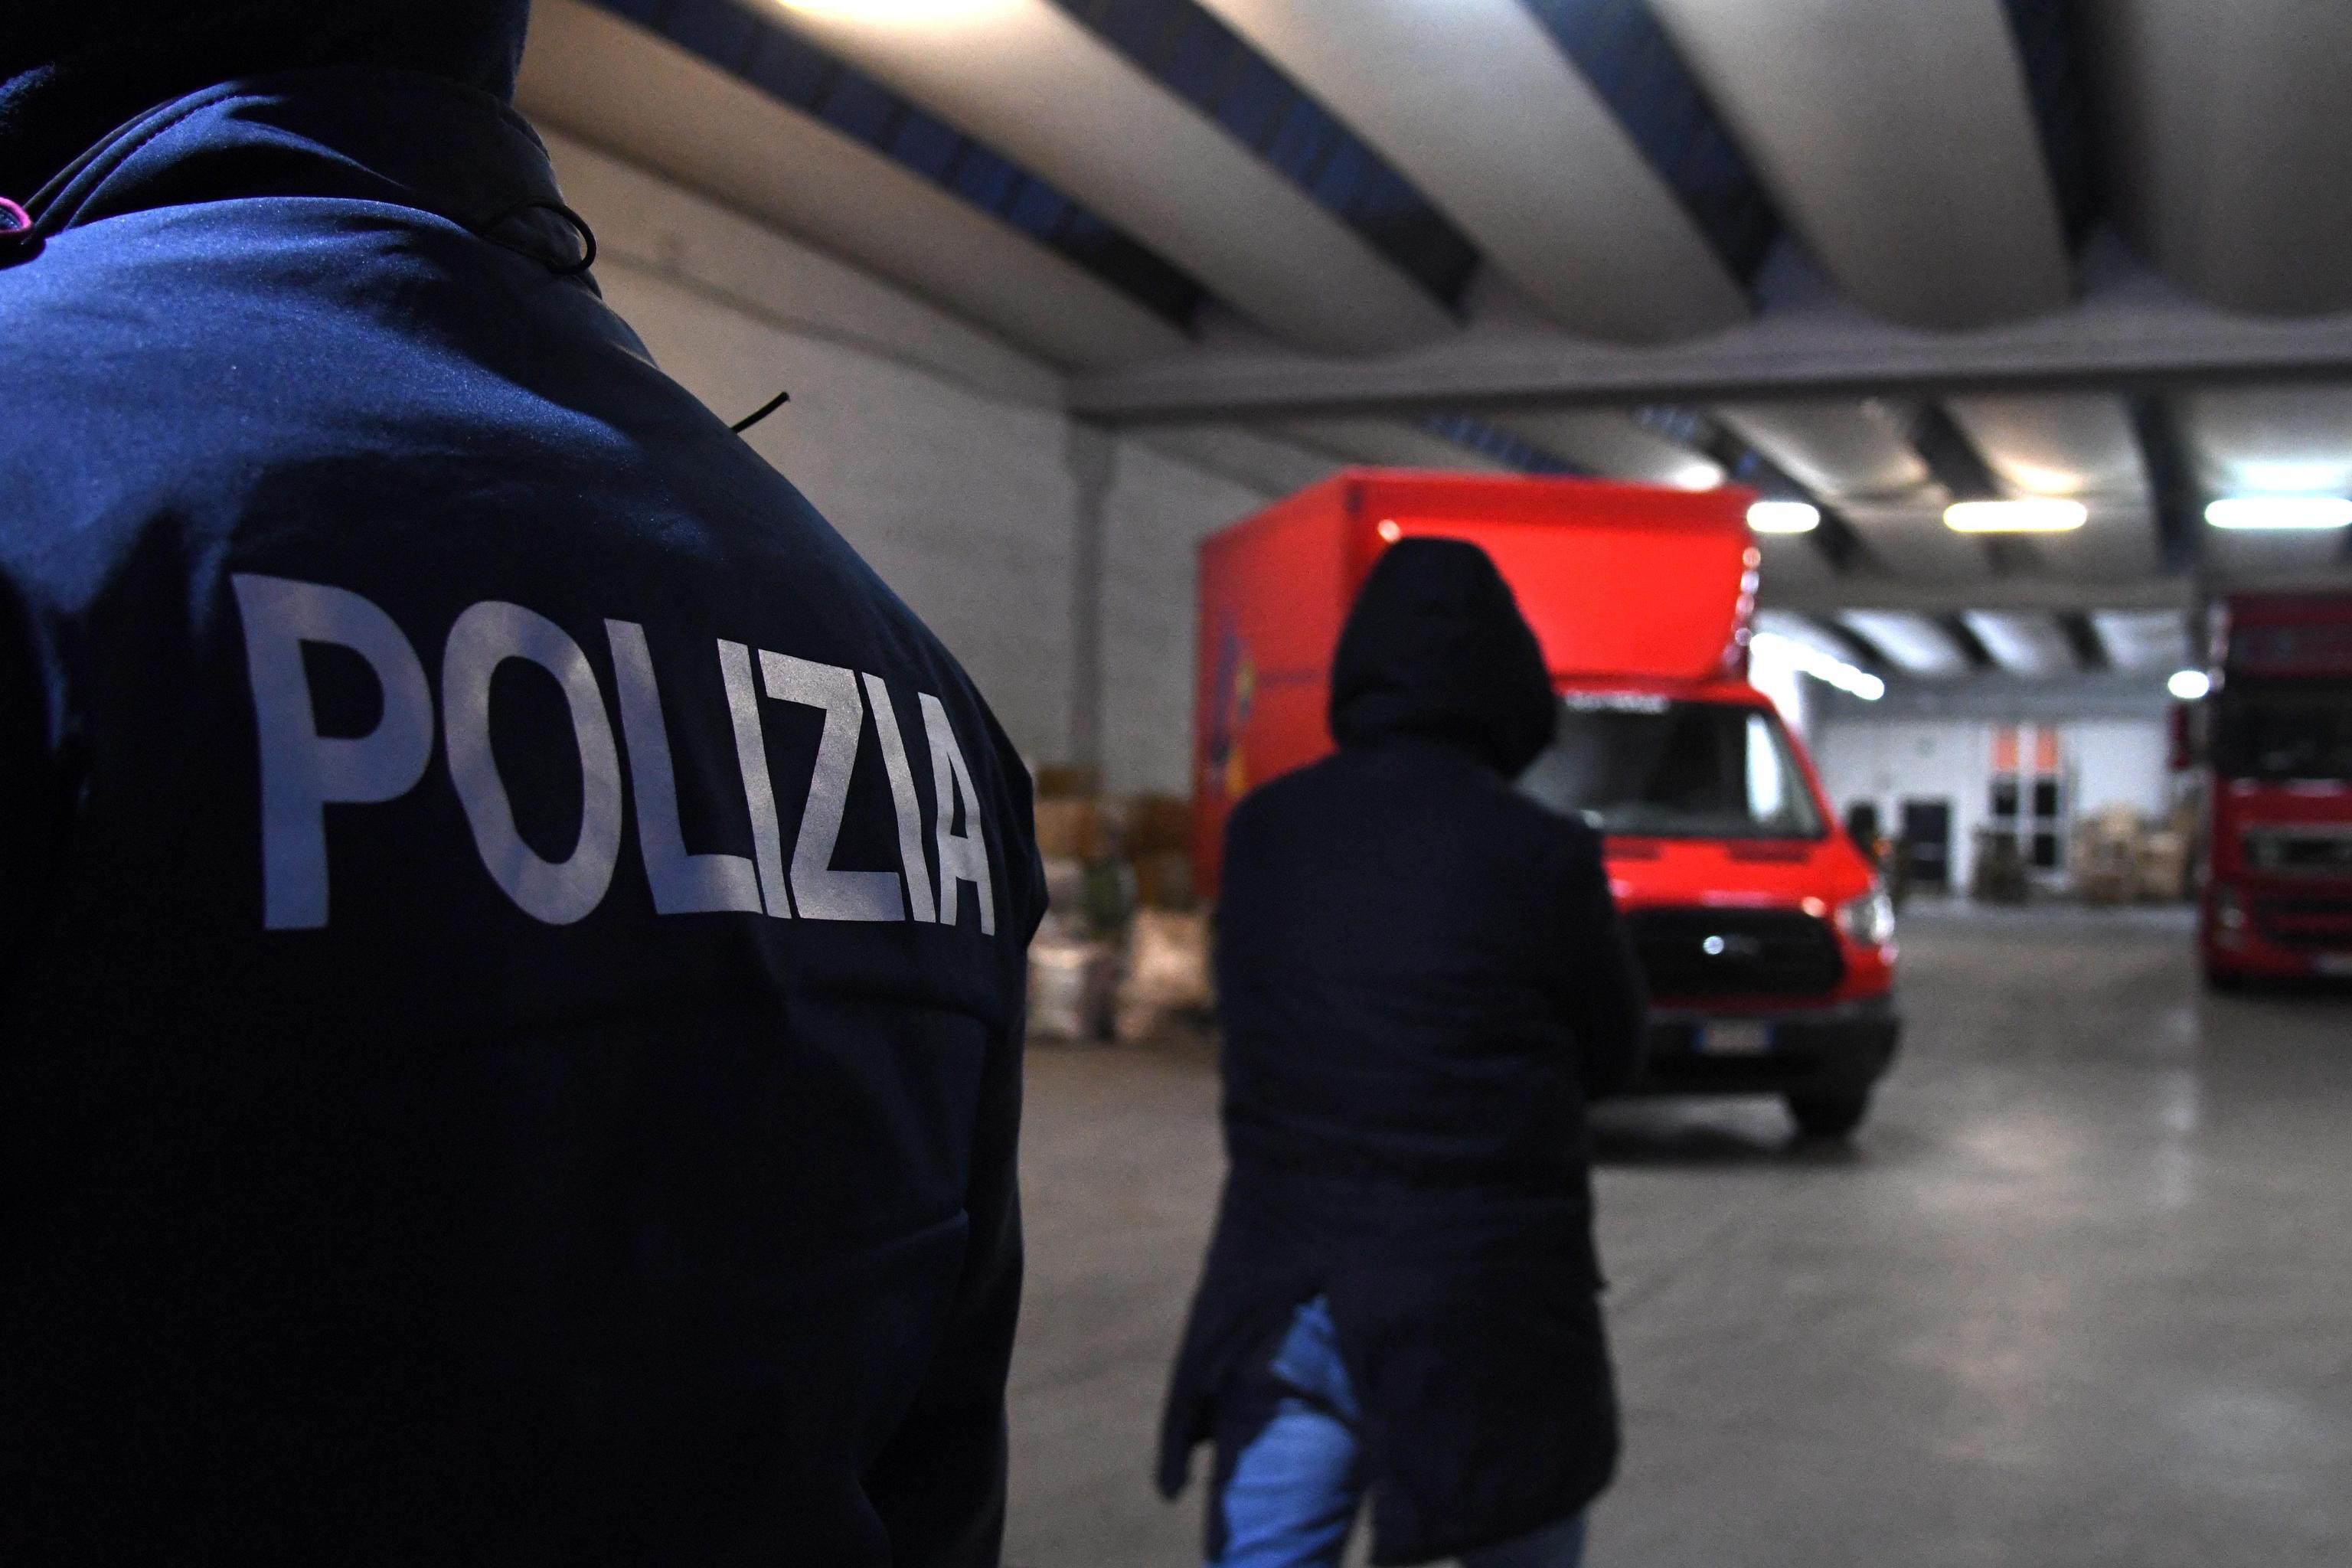 Polizia, due suicidi in meno di 15 giorni: 'E' strage silenziosa'